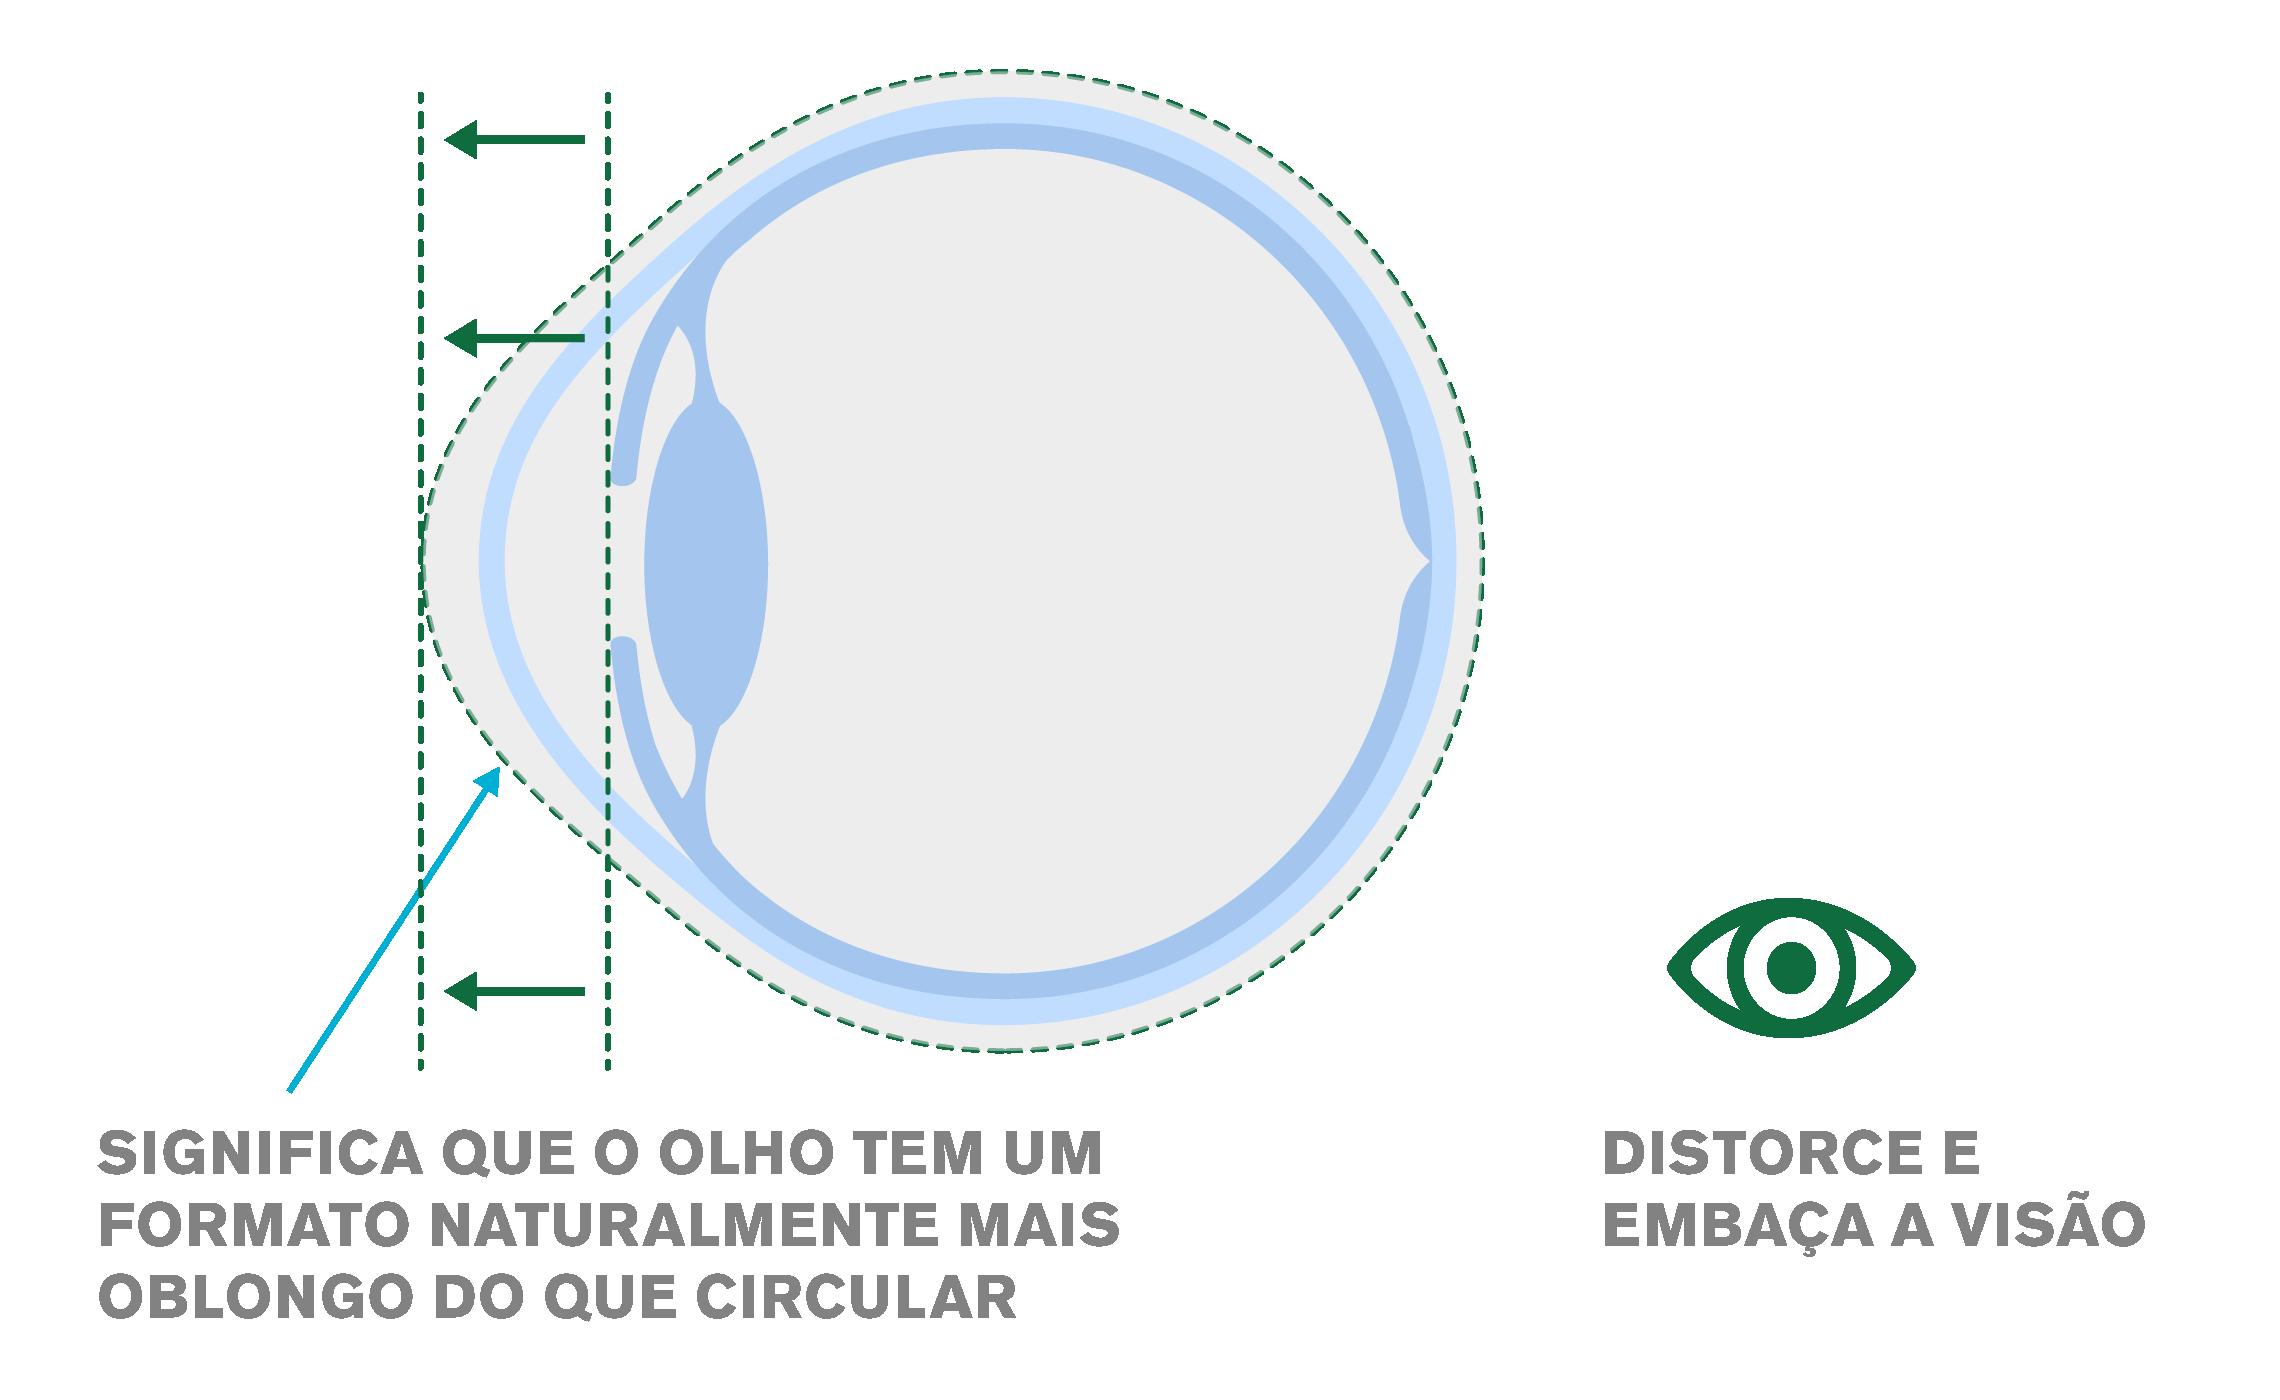 Imagem mostrando o formato de um olho com astigmatismo